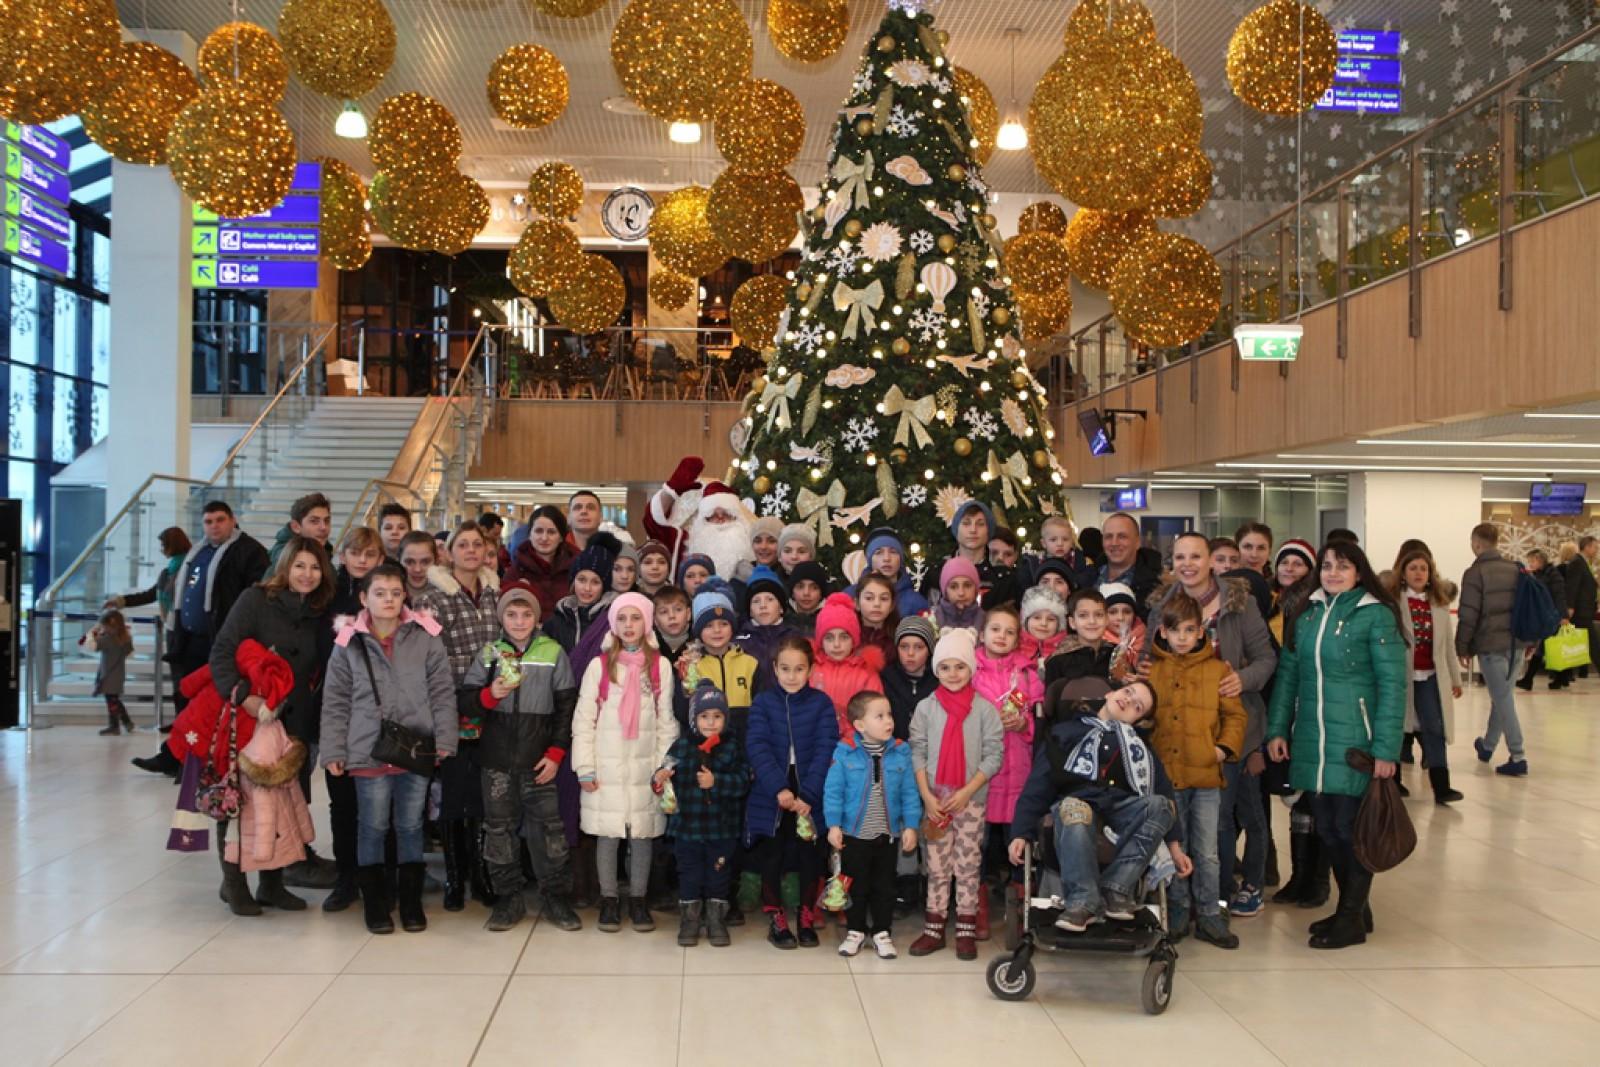 (foto) 50 copii au sărbătorit ajunul Revelionului la Aeroportul Chișinău